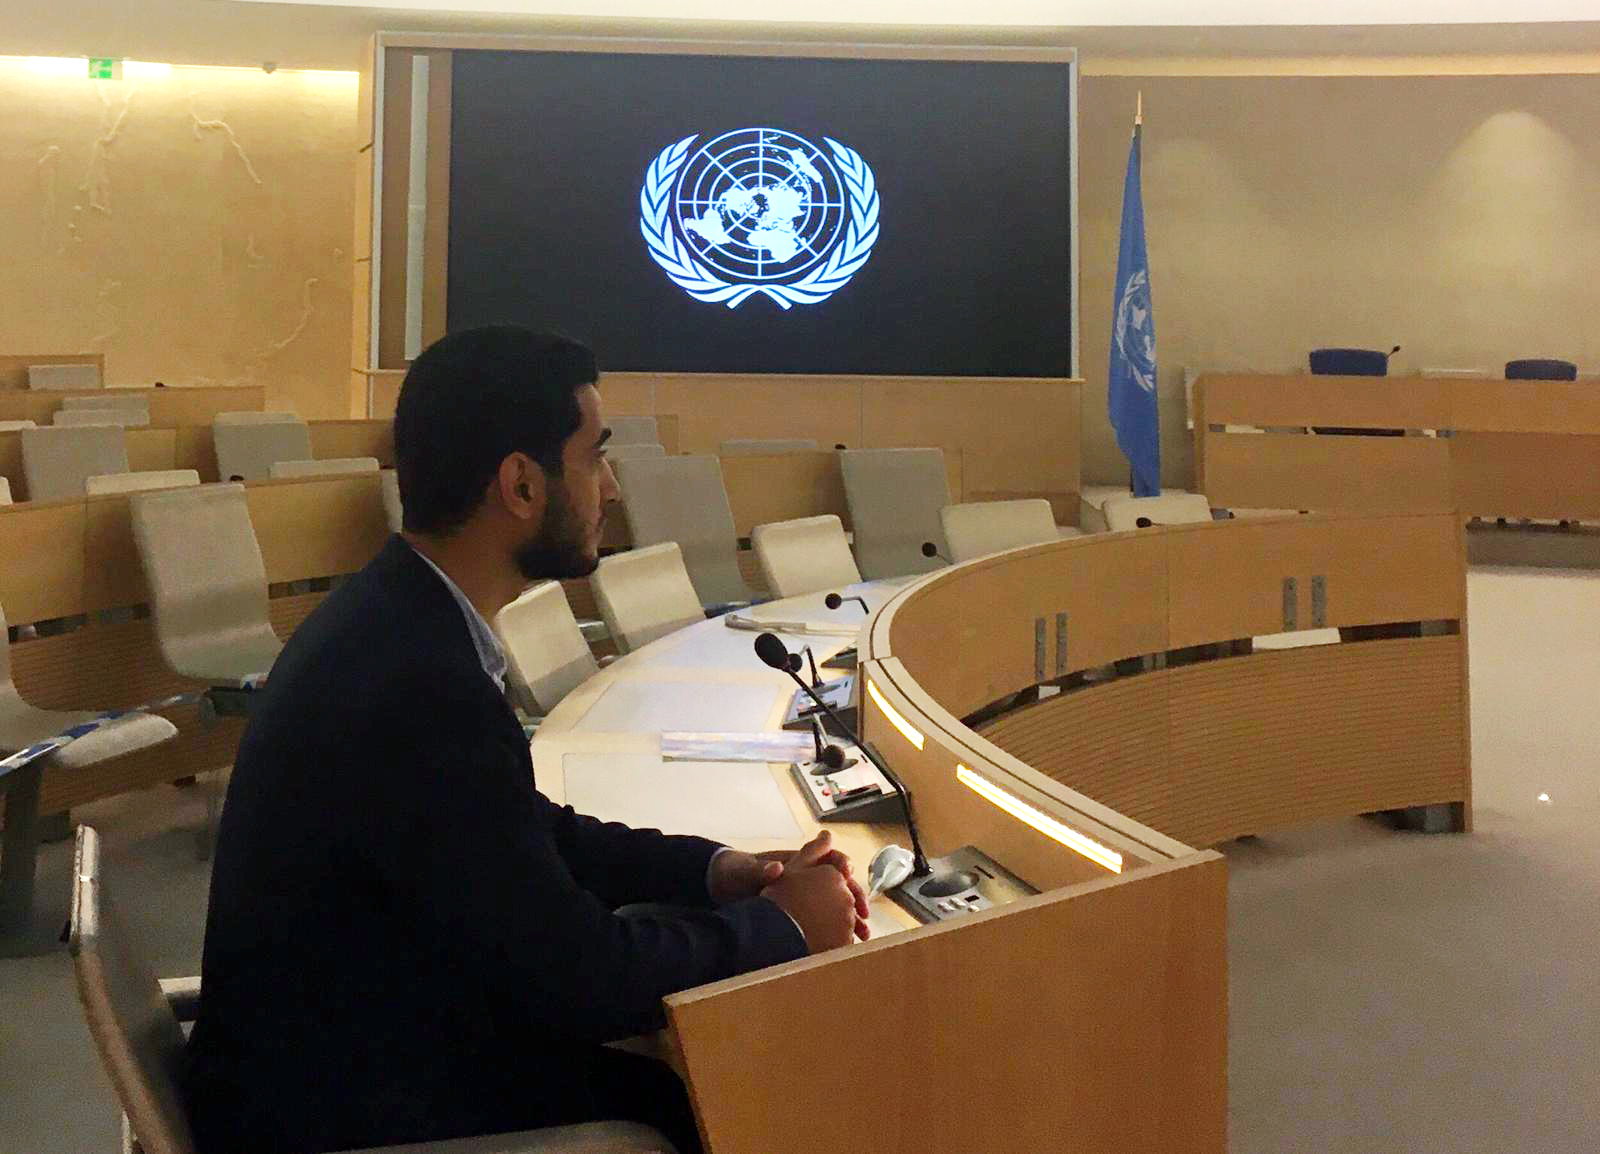 الأورومتوسطي يدعو أمام مجلس حقوق الإنسان لوقف حجب تطبيقات التراسل عبر الإنترنت في دول خليجية